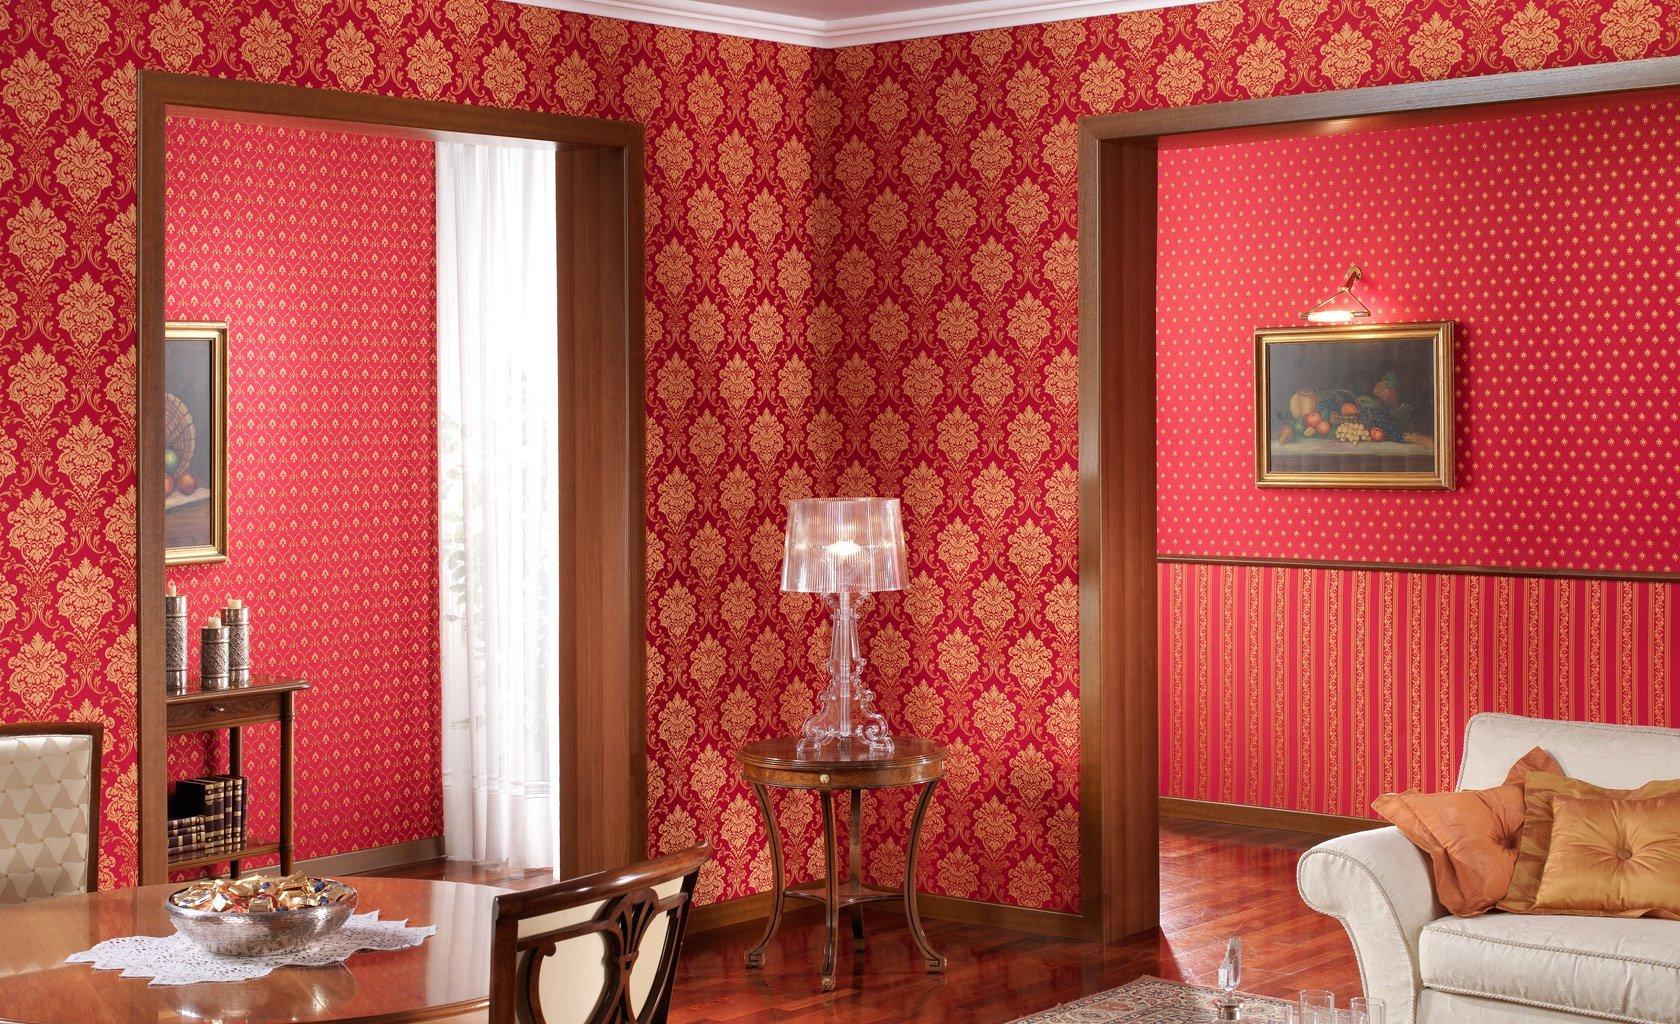 Итальянские обои в интерьере гостиной фото цена